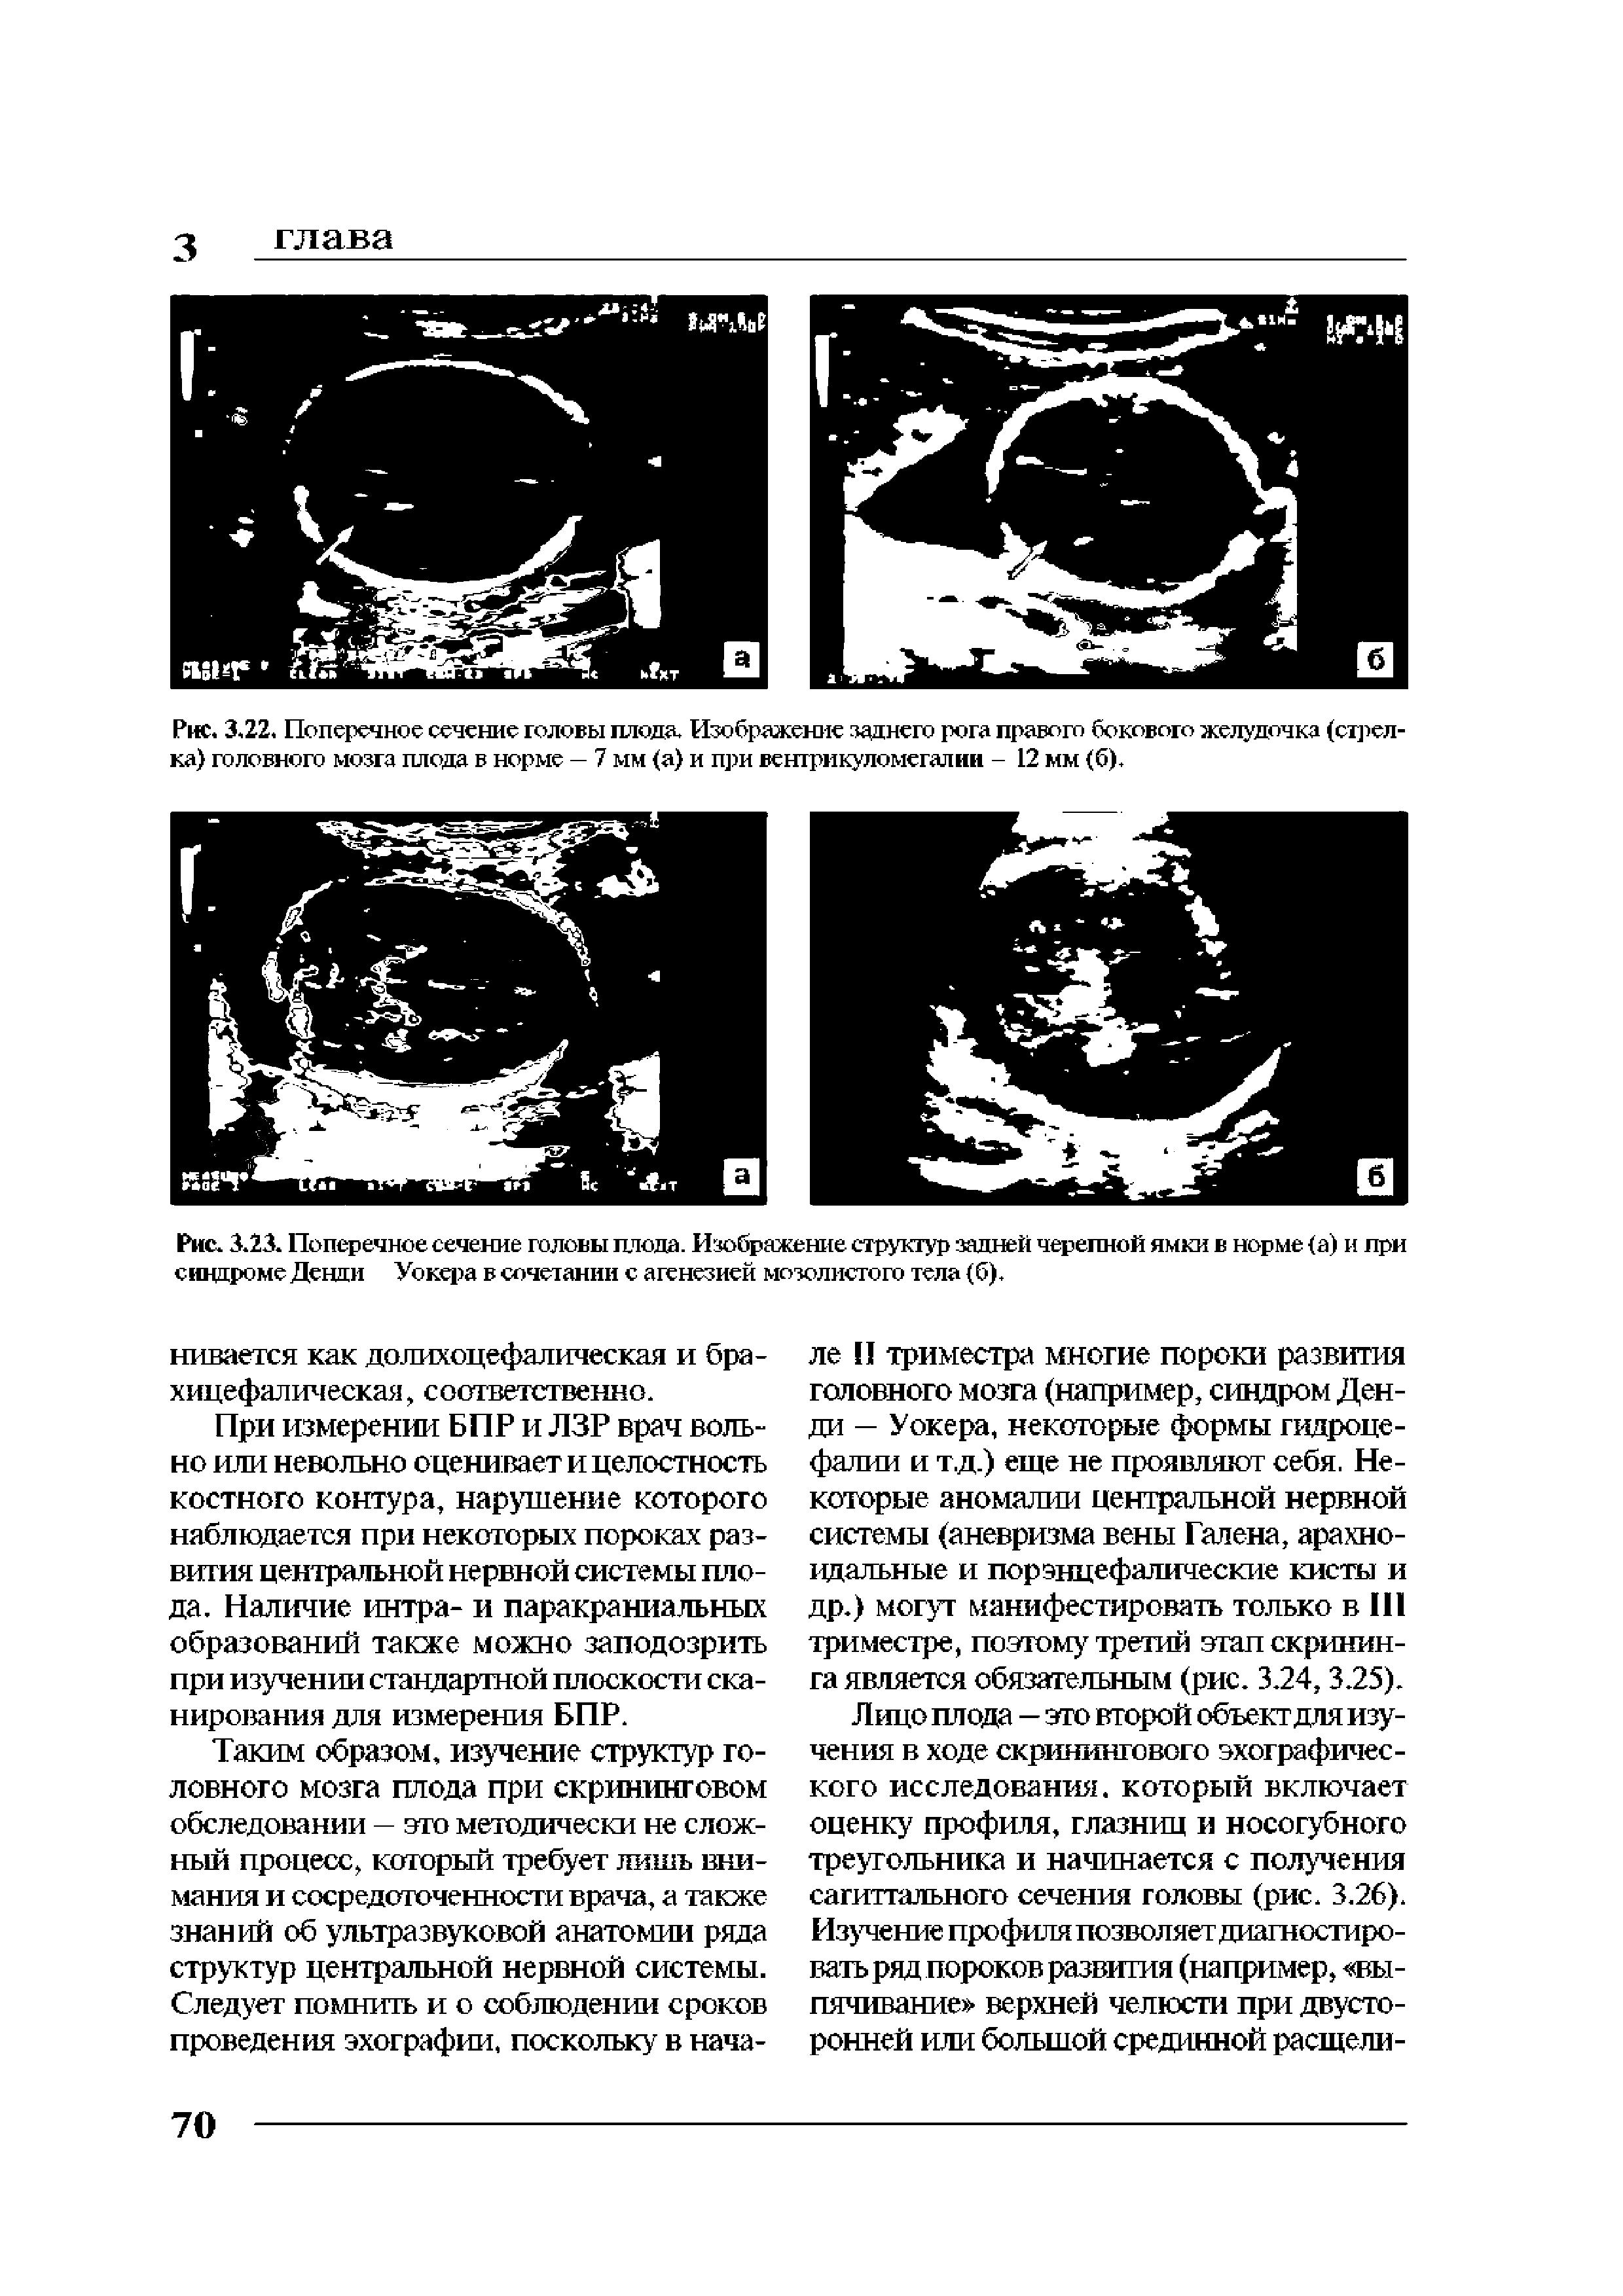 Желудочки головного мозга у новорожденных: норма и патологии